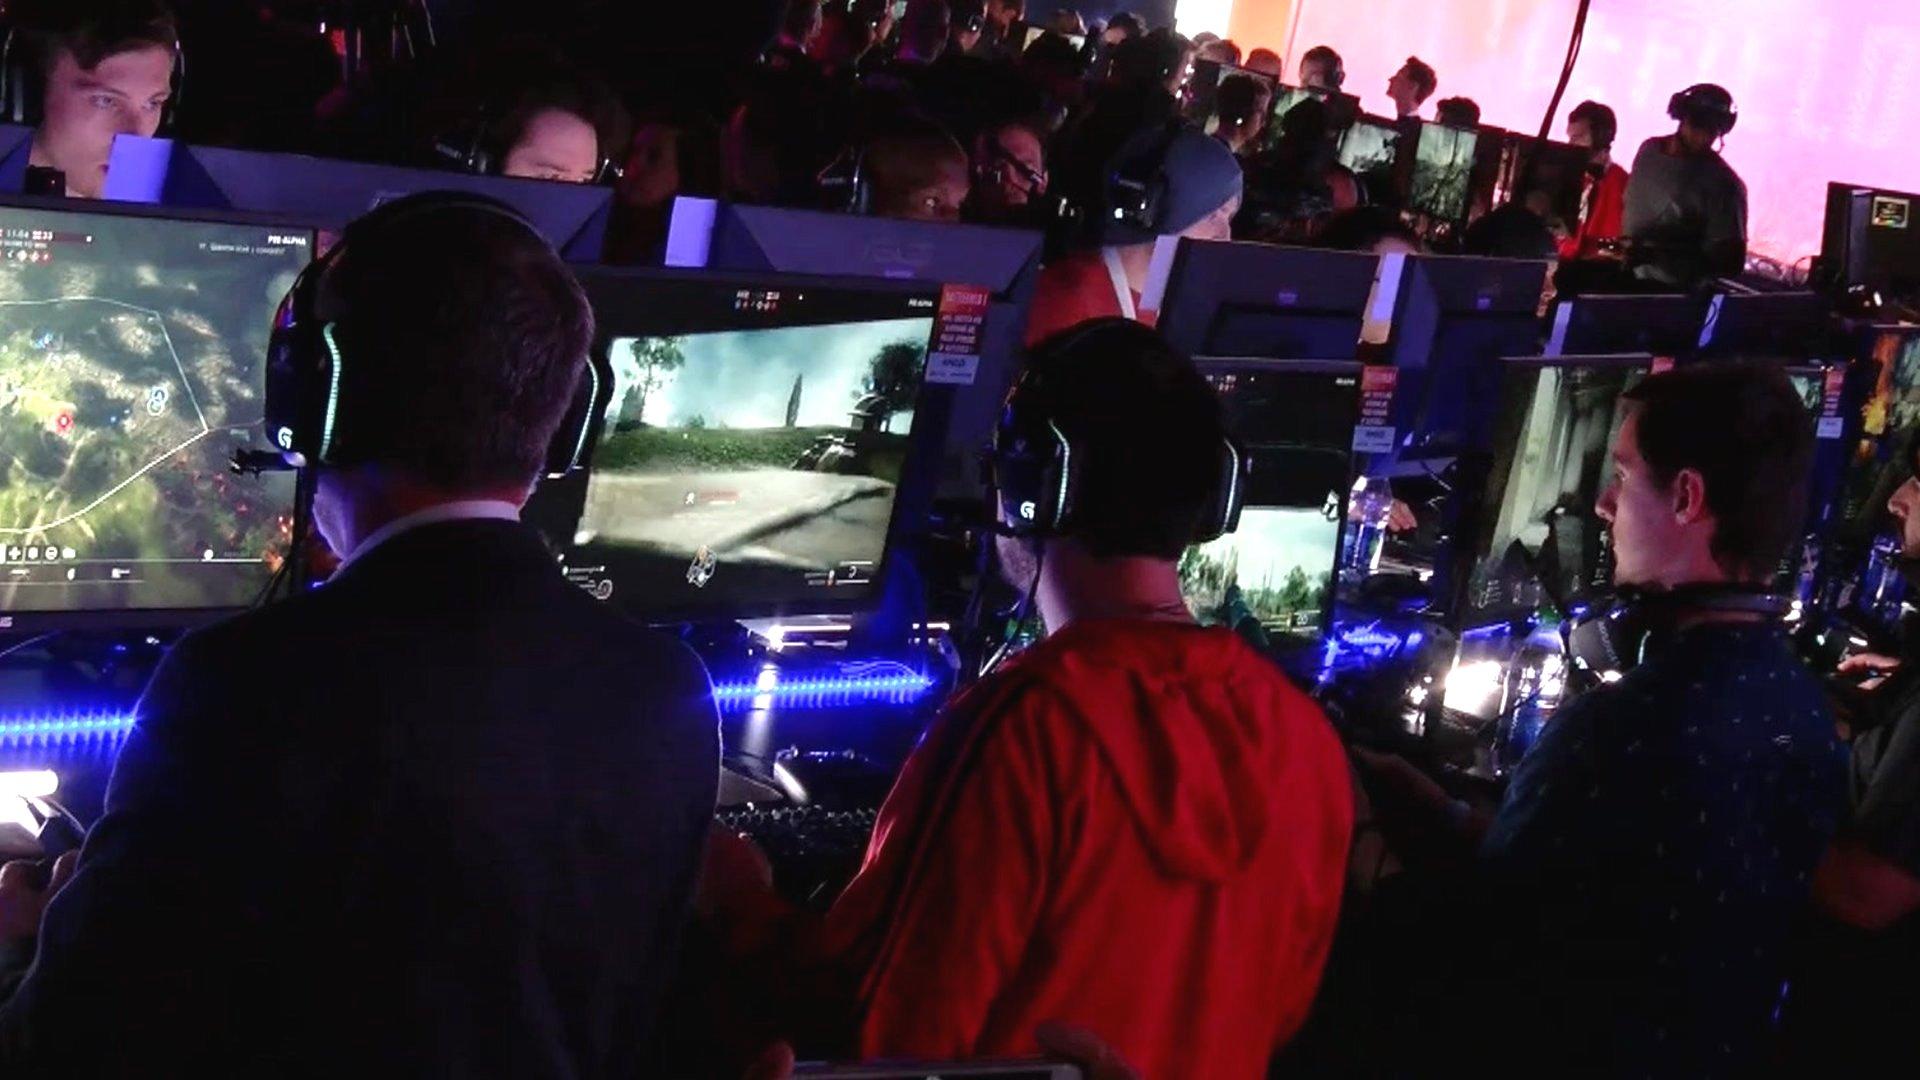 E3 (games show)